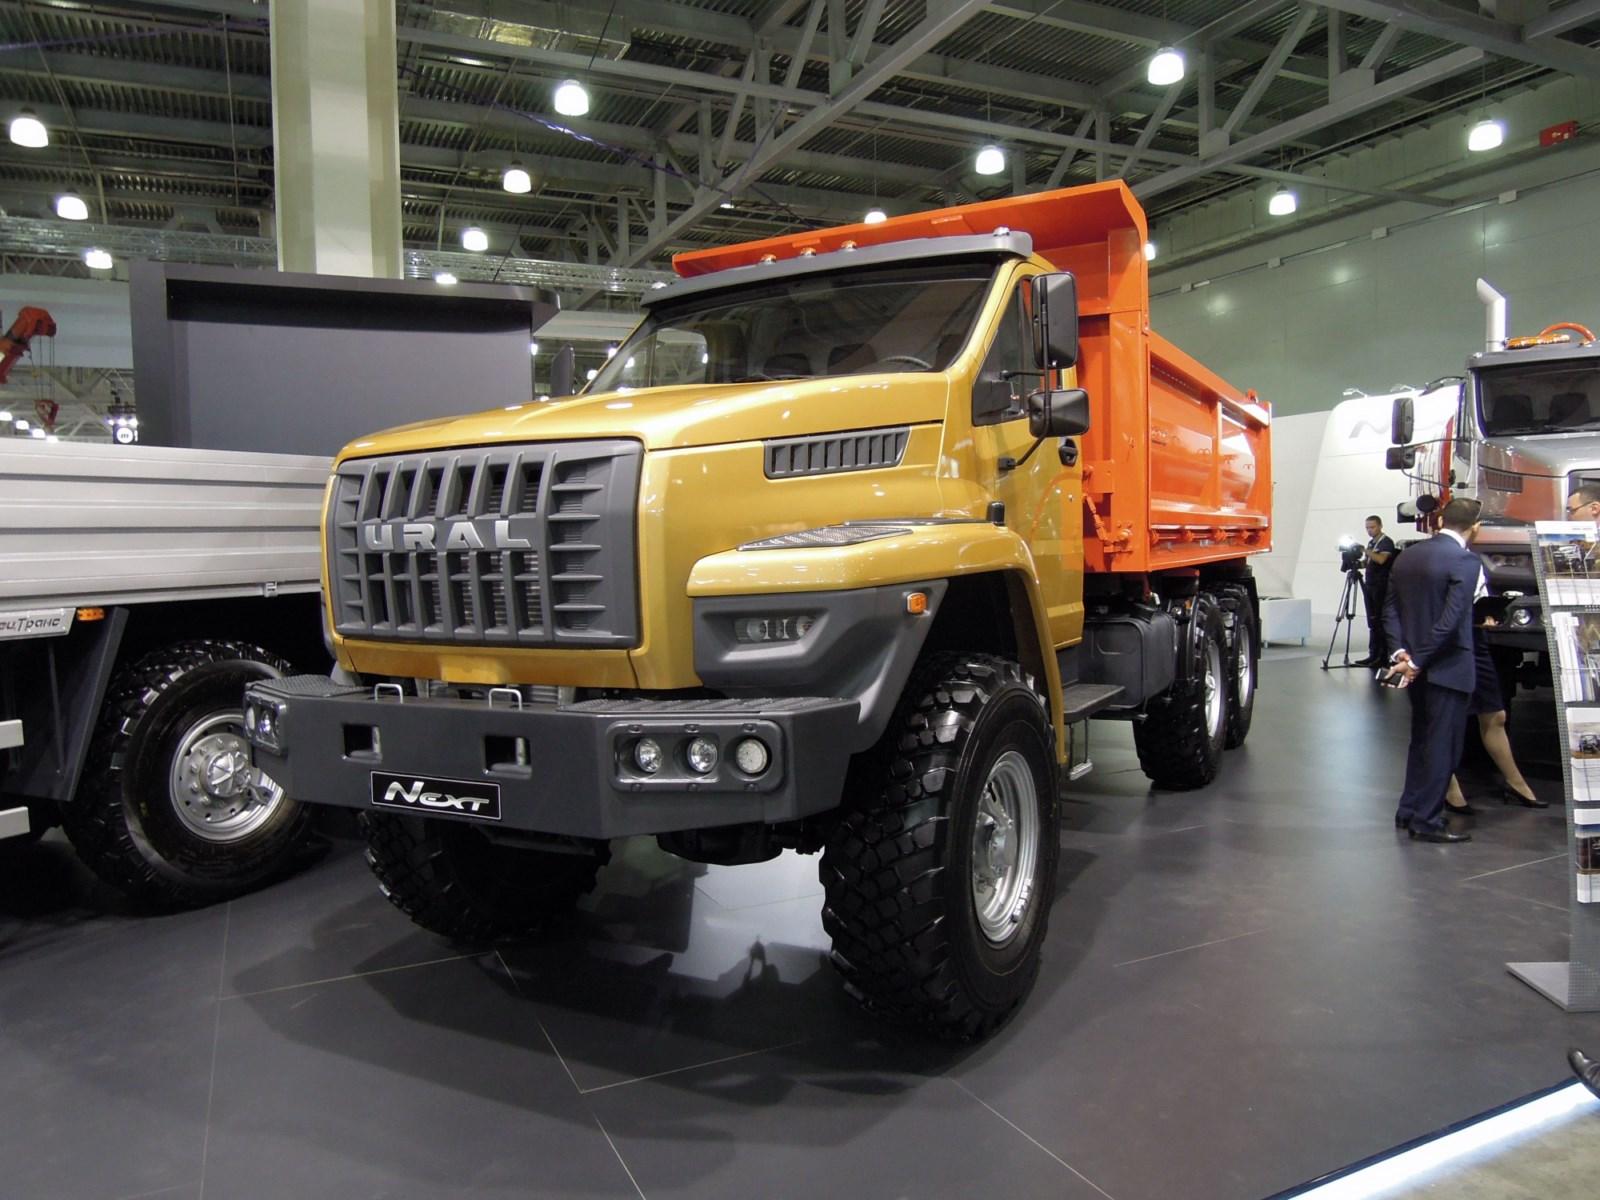 camion ural next gaz de carga. Black Bedroom Furniture Sets. Home Design Ideas